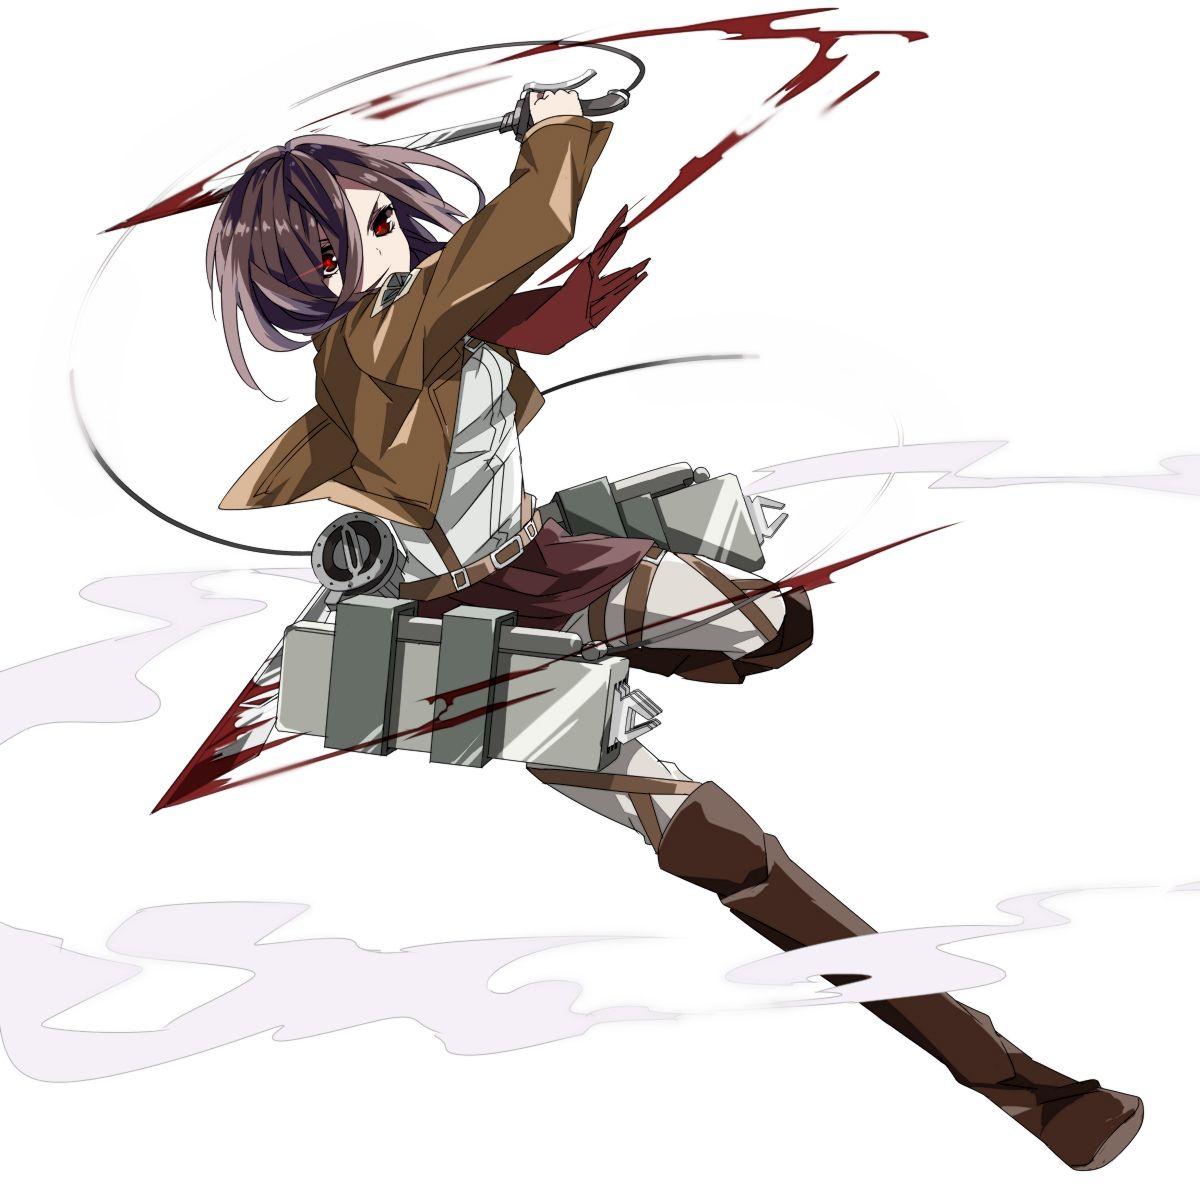 Pin by Frozenfan on Shingeki no kyojin Attack on titan